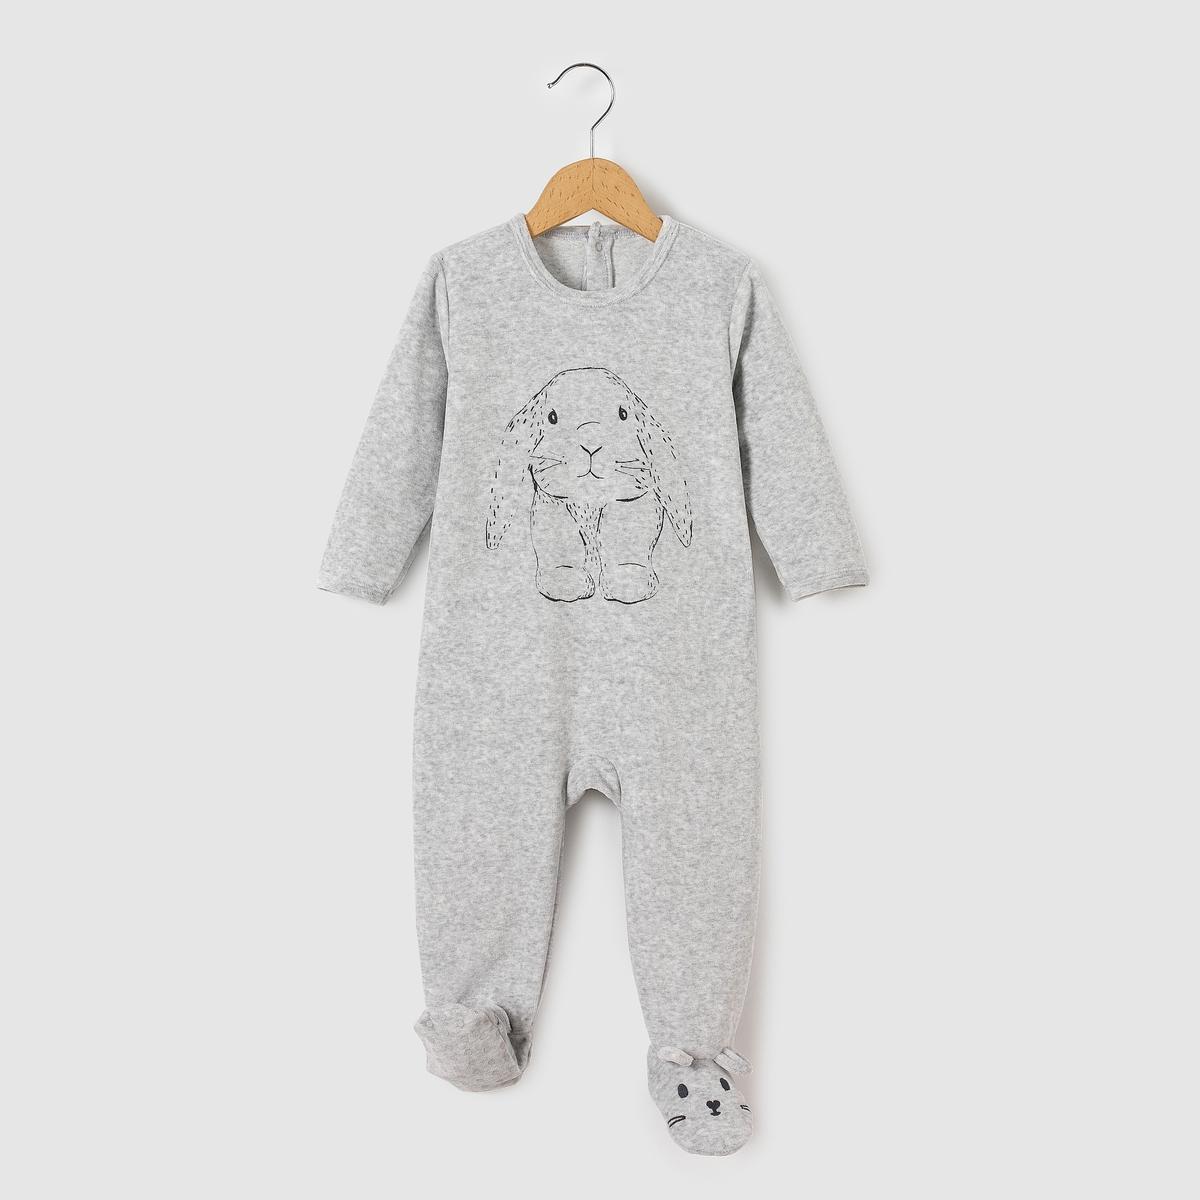 Пижама из велюра, 0 месяцев - 3 года